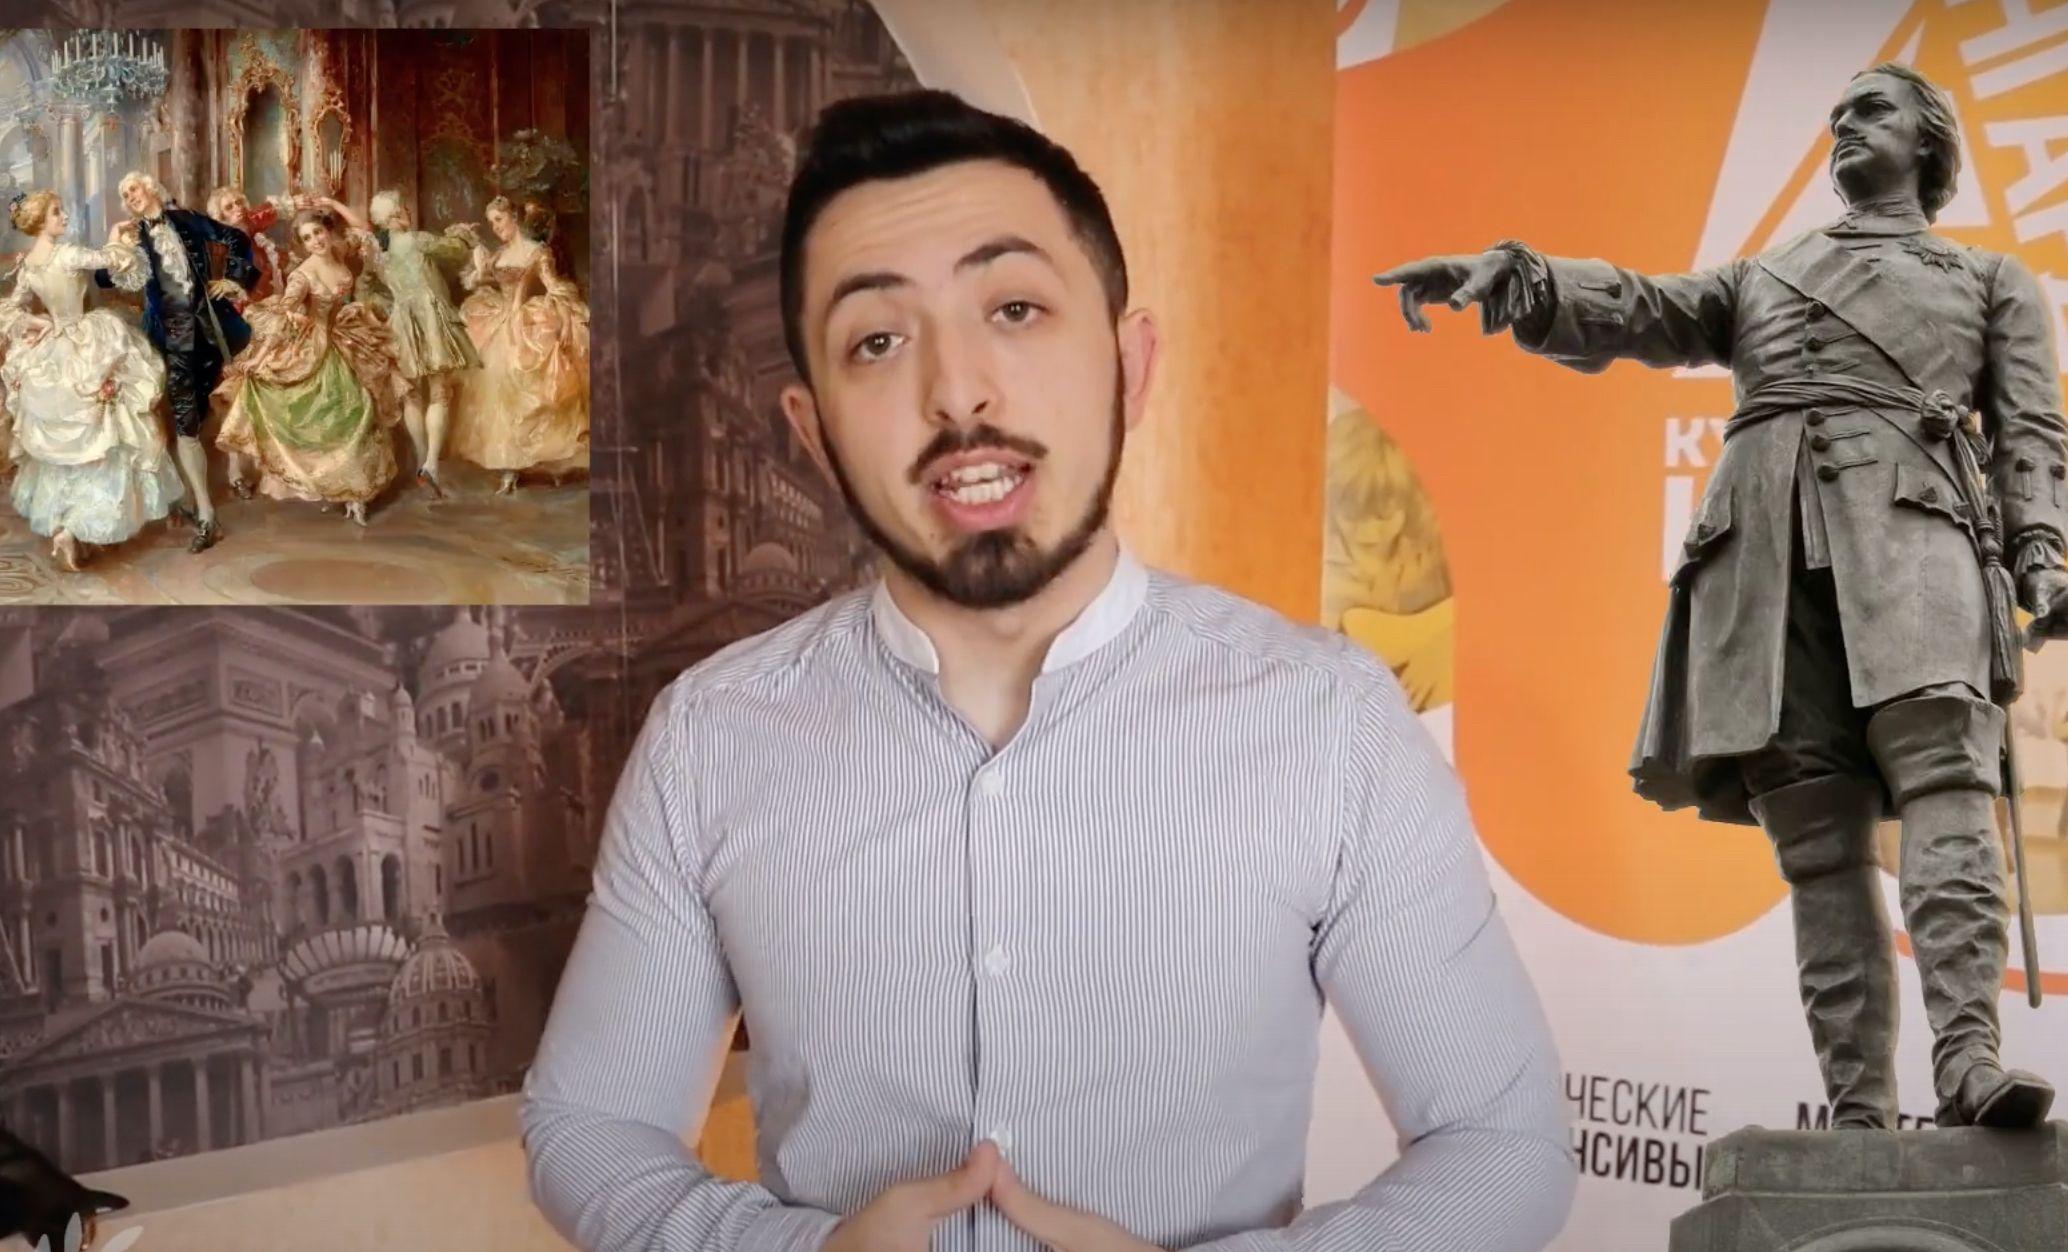 КультСреды: новую рубрику запустили на канале «Авангарда»